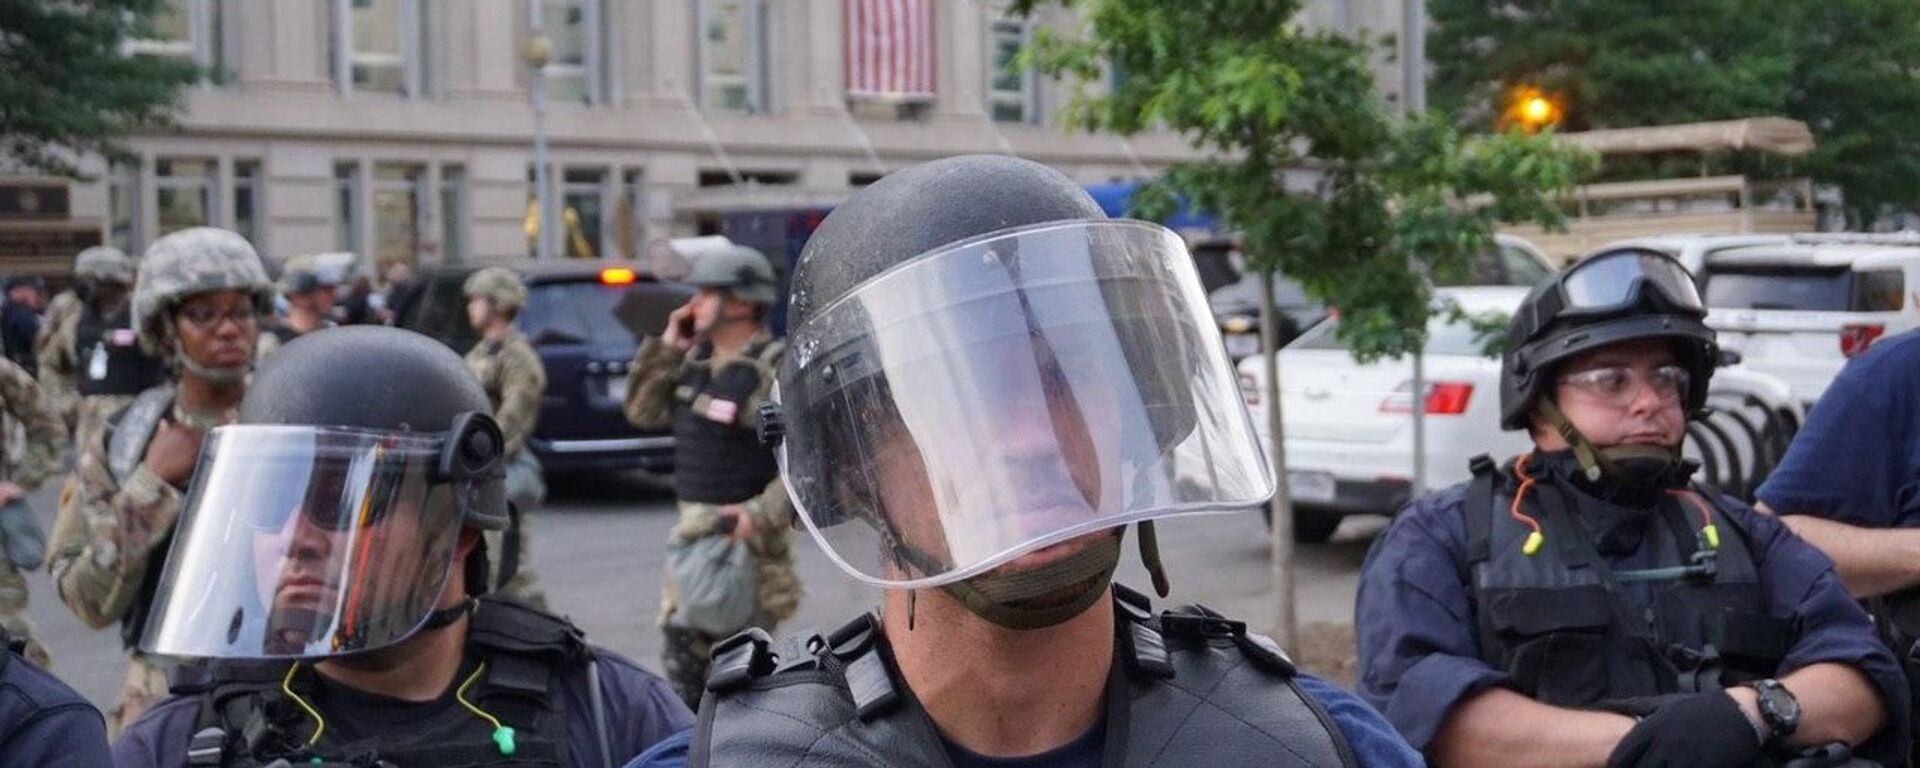 Policía durante las protestas en Washington, EEUU - Sputnik Mundo, 1920, 13.05.2021